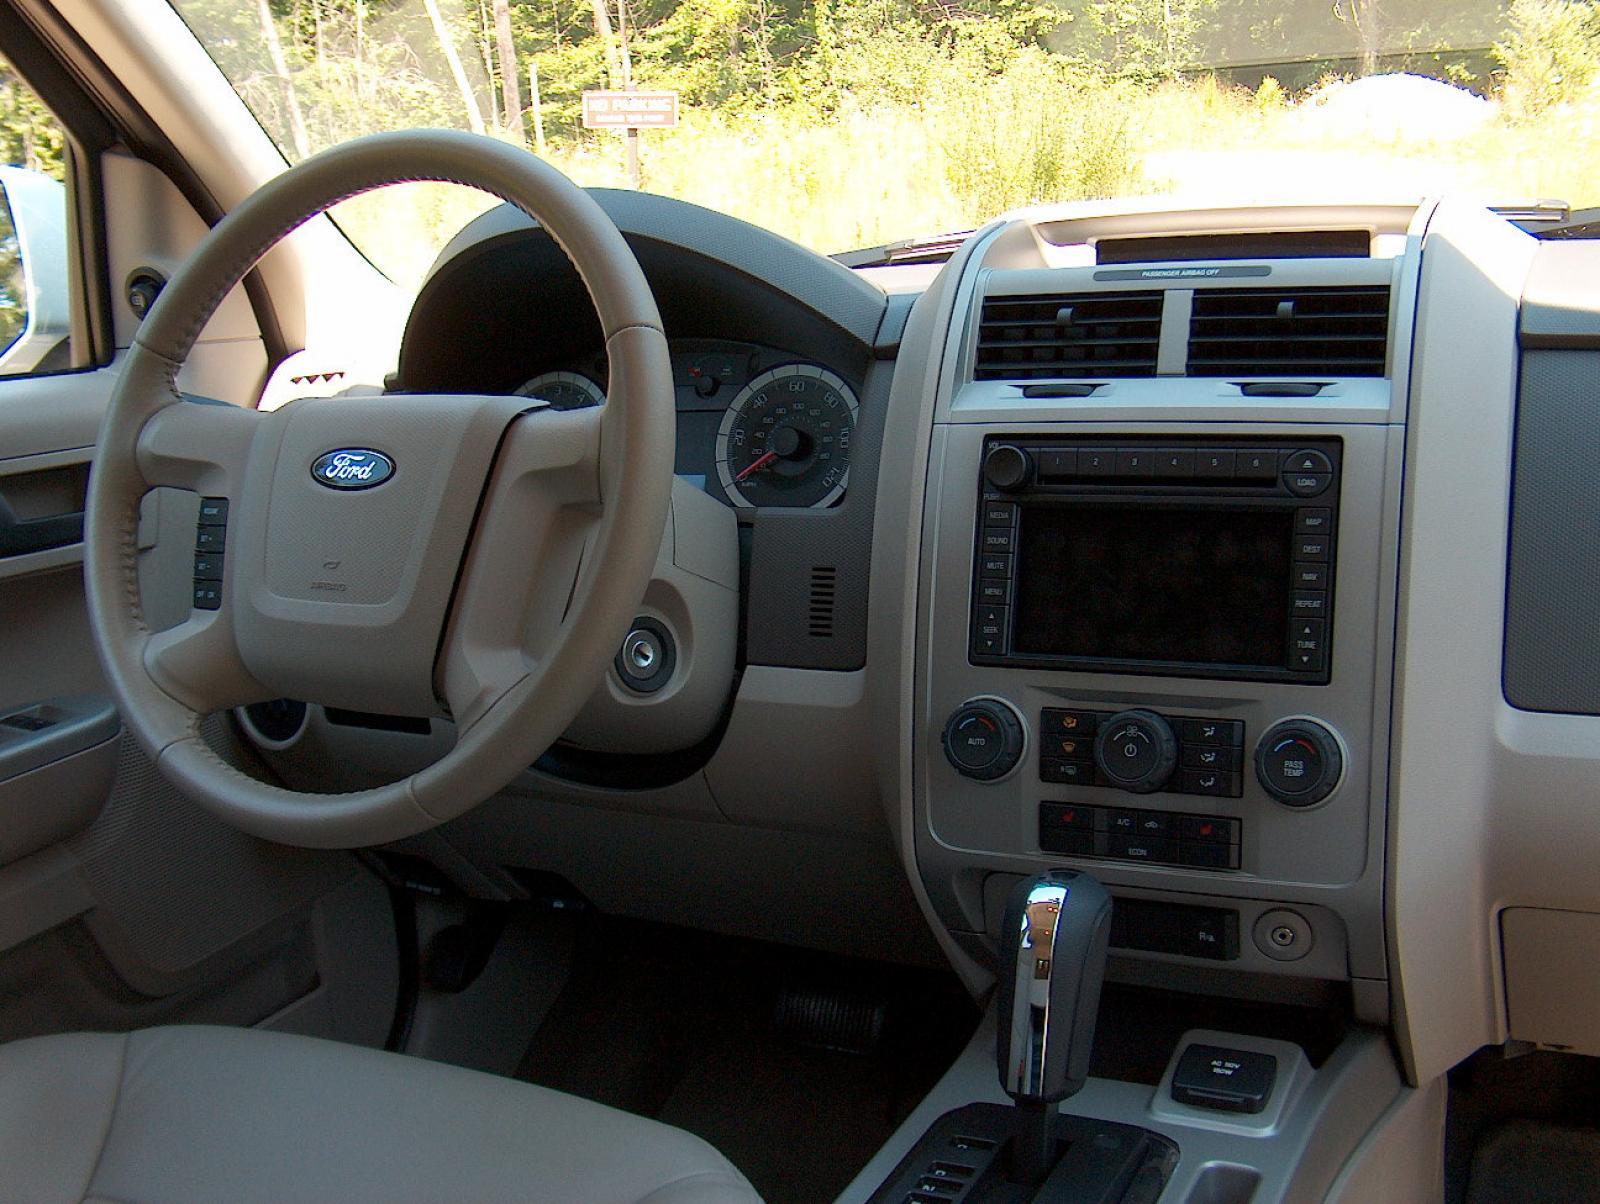 800 1024 1280 1600 origin 2008 ford escape